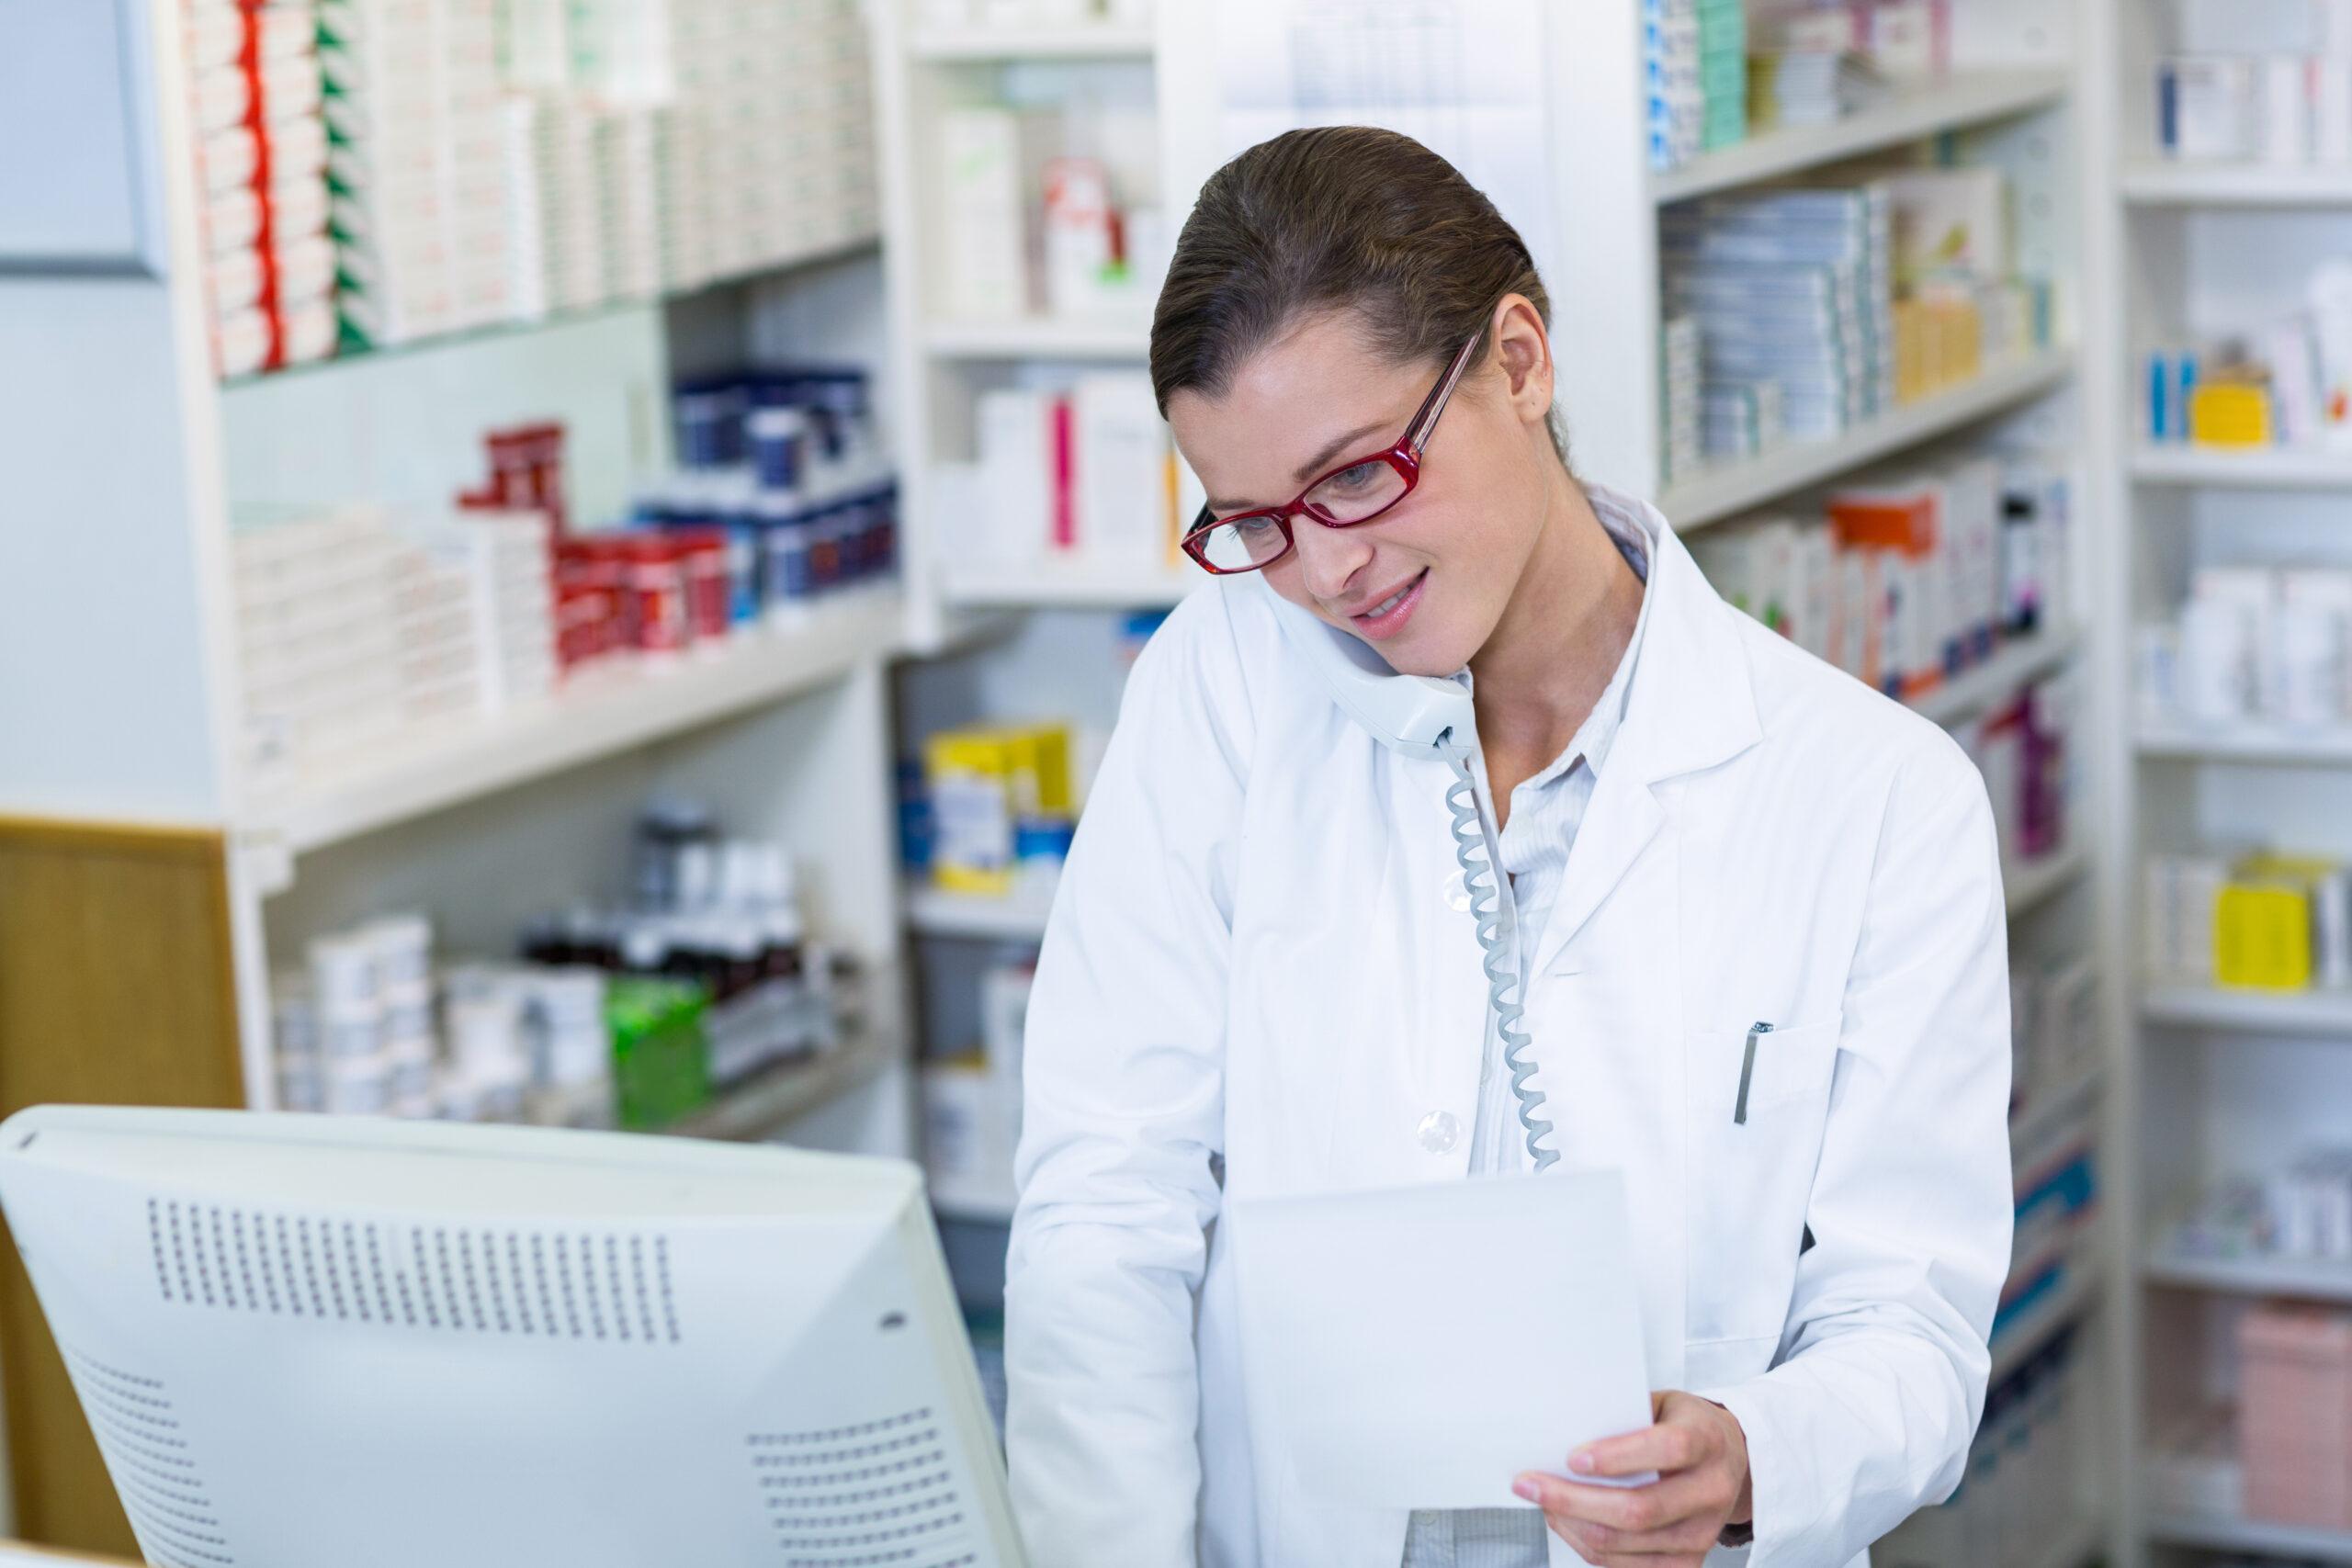 reklama-farmaceutykow